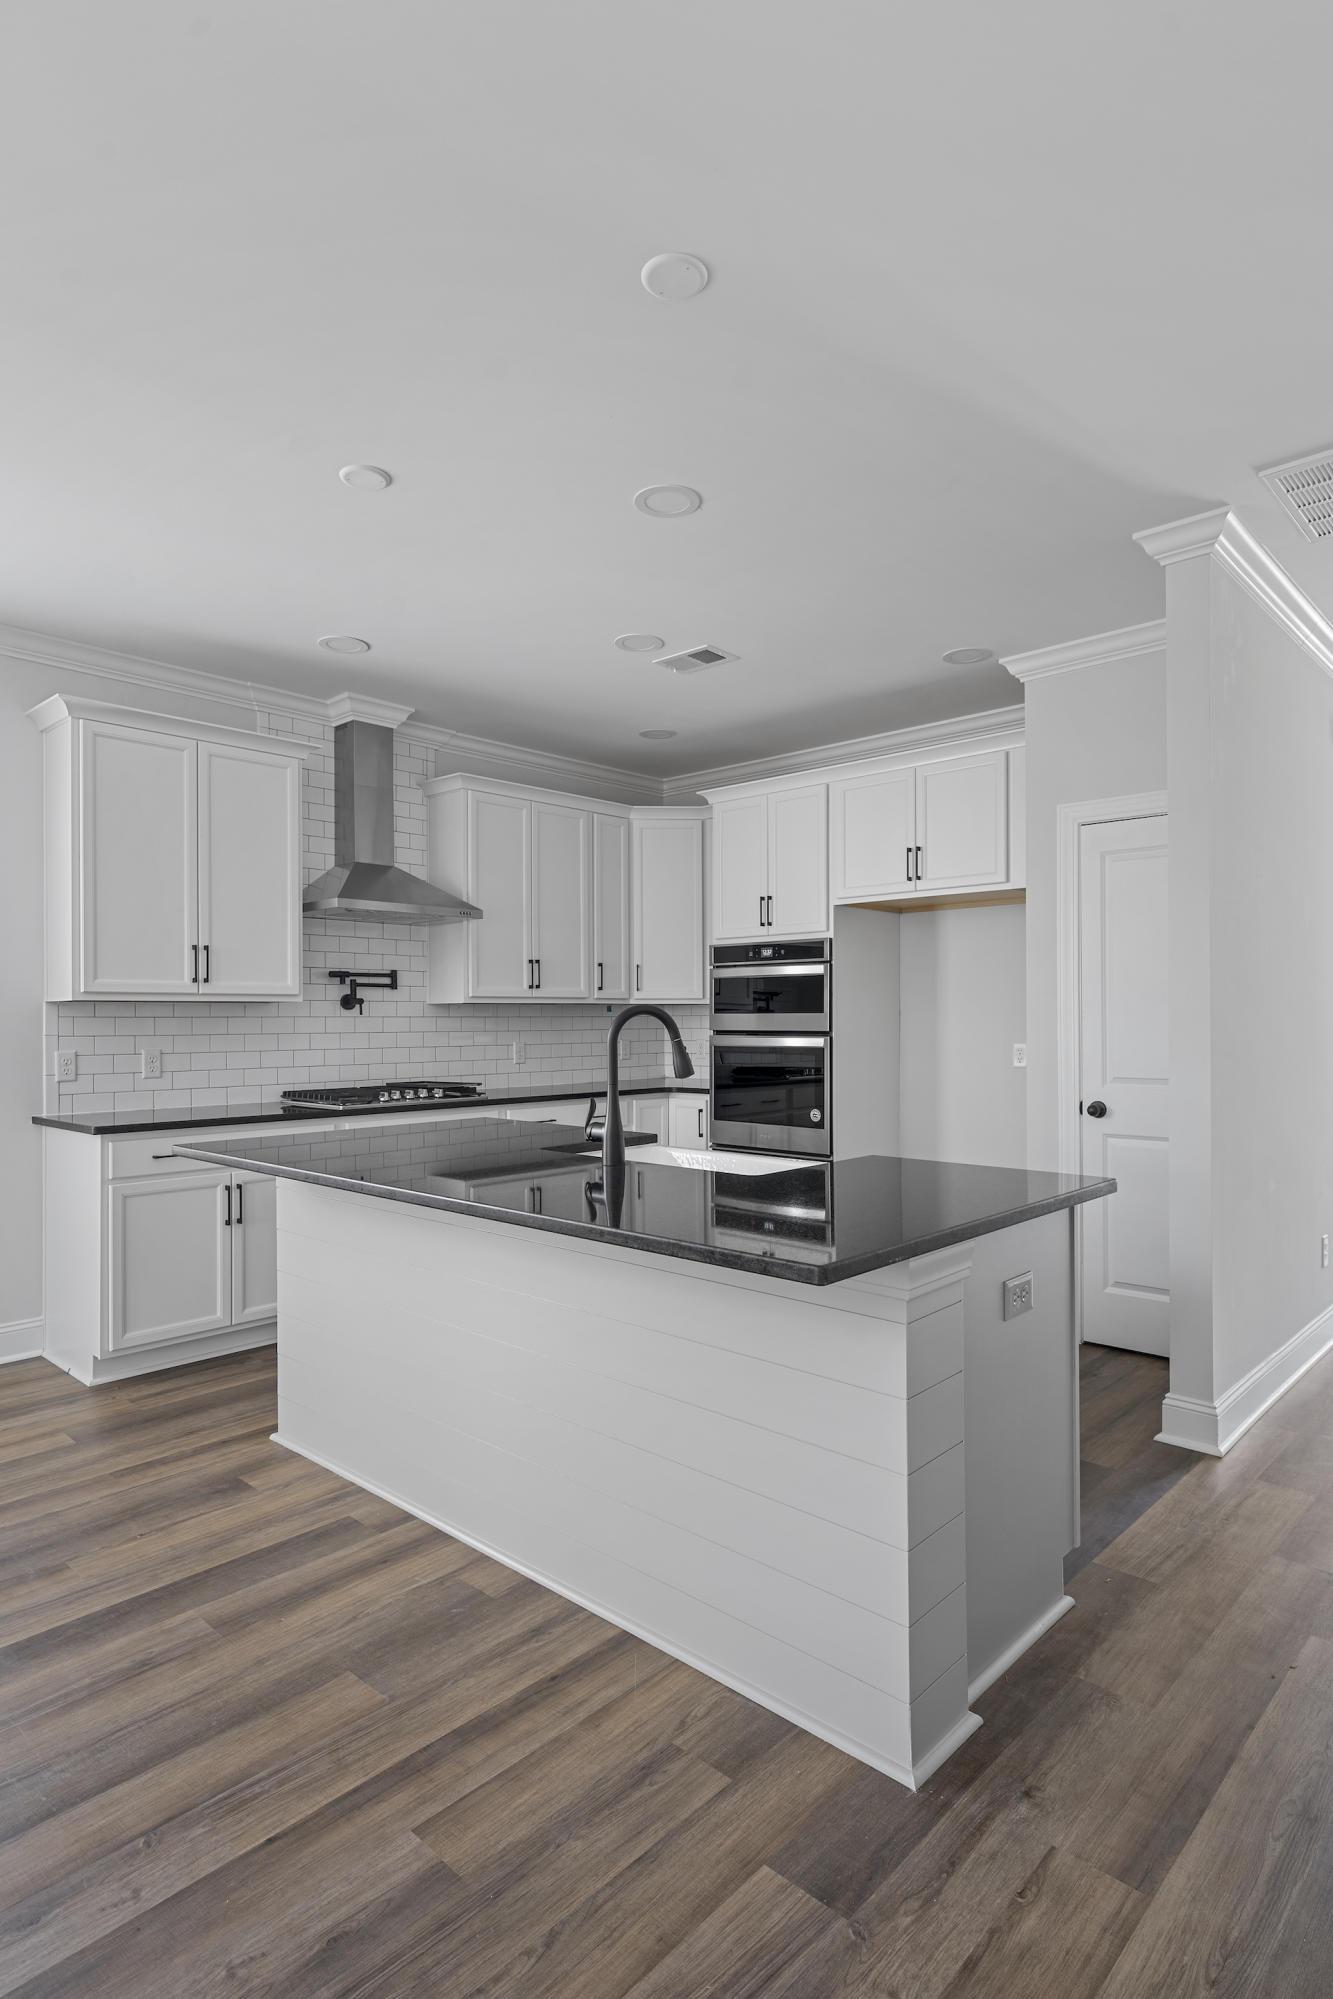 Park West Homes For Sale - 1504 Hopkins, Mount Pleasant, SC - 8